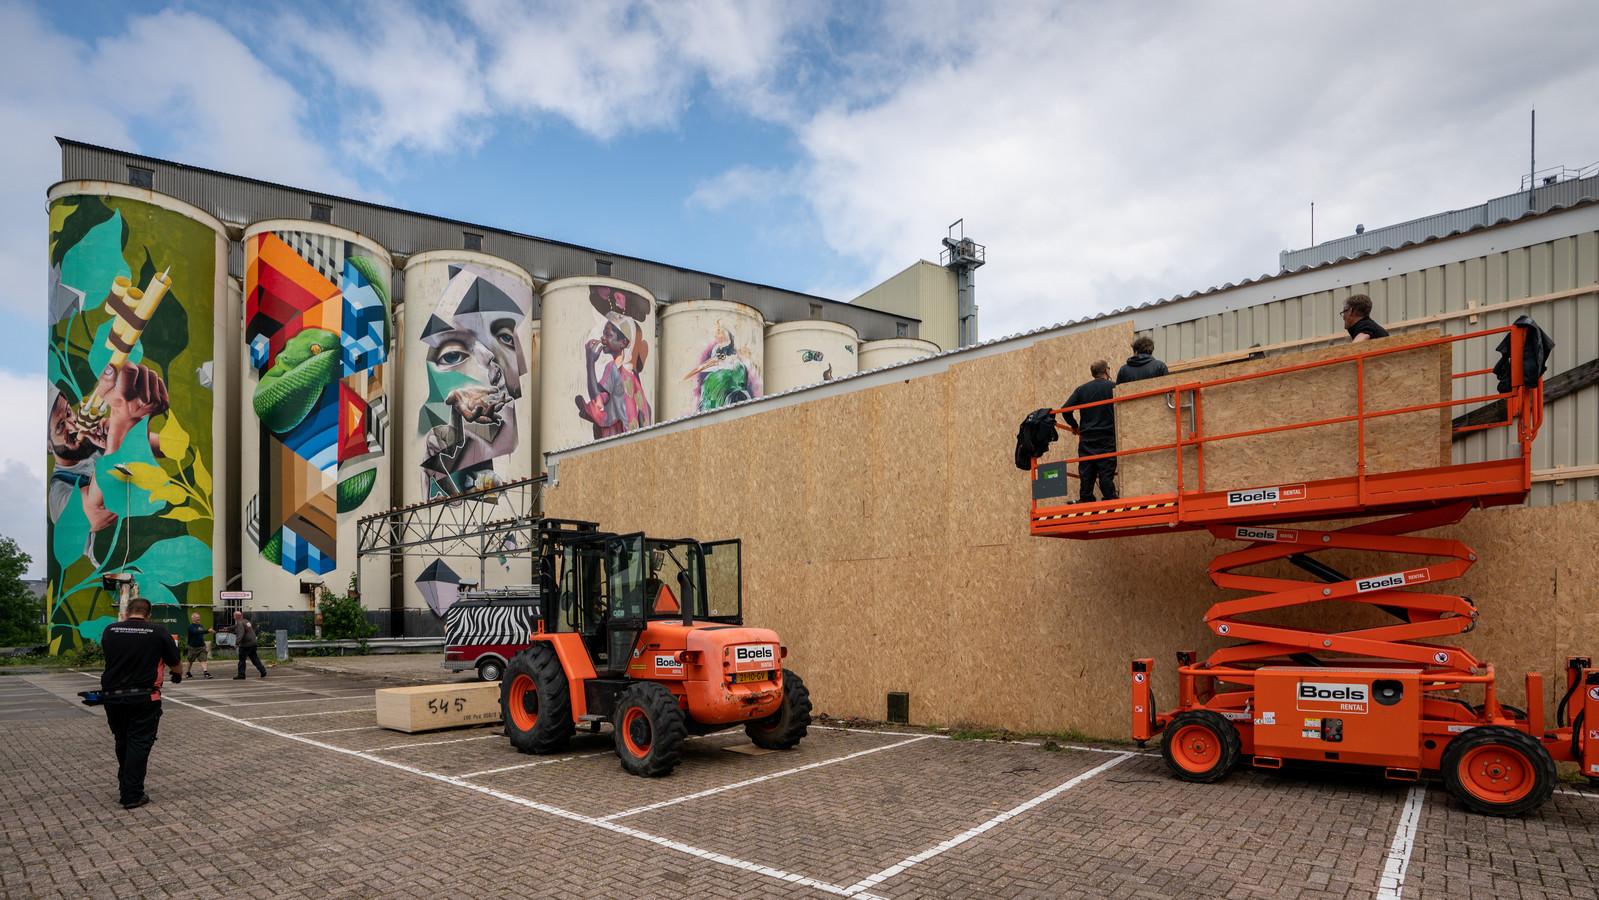 Nederland,  Den Bosch, er wordt hard gewerkt om het festival Kings of Colors voor te bereiden. Foto, de wand die in elkaar wordt gezet dient als graffitti wand komend weekend iop dec tramkade.